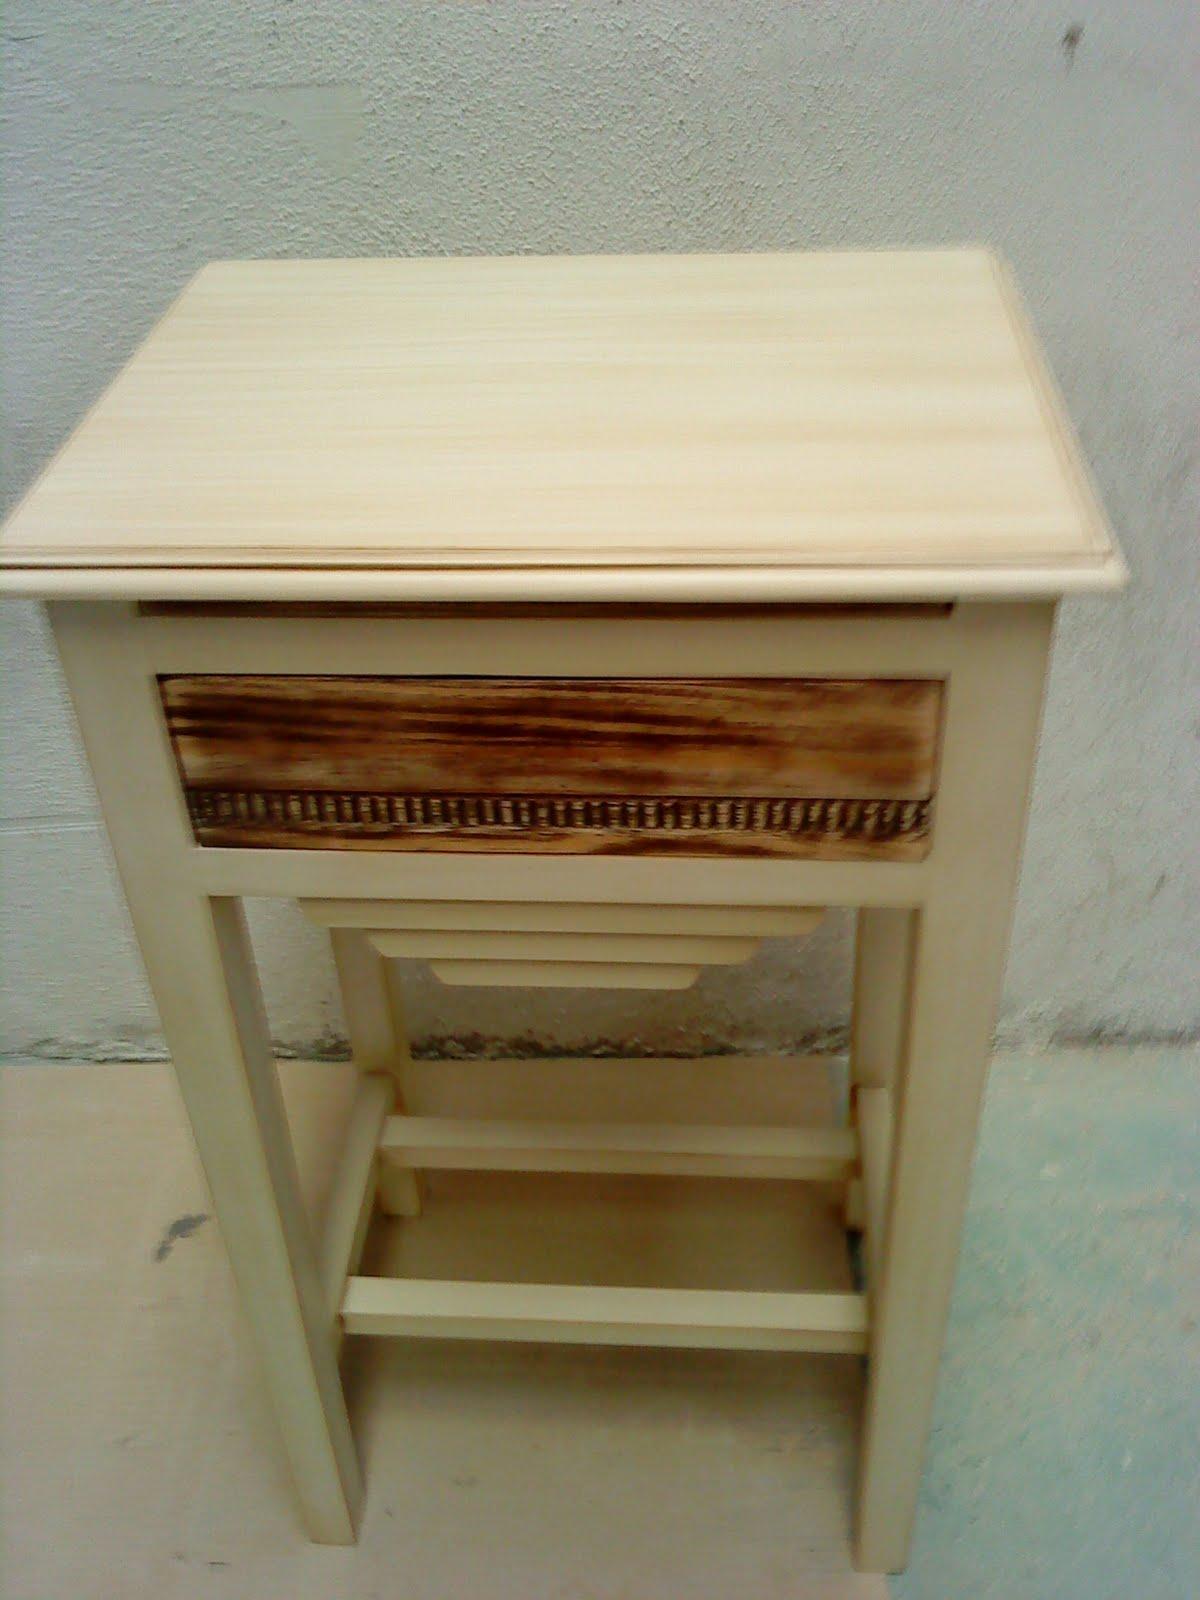 El rincon del mueble blanco roto - Muebles blanco roto ...